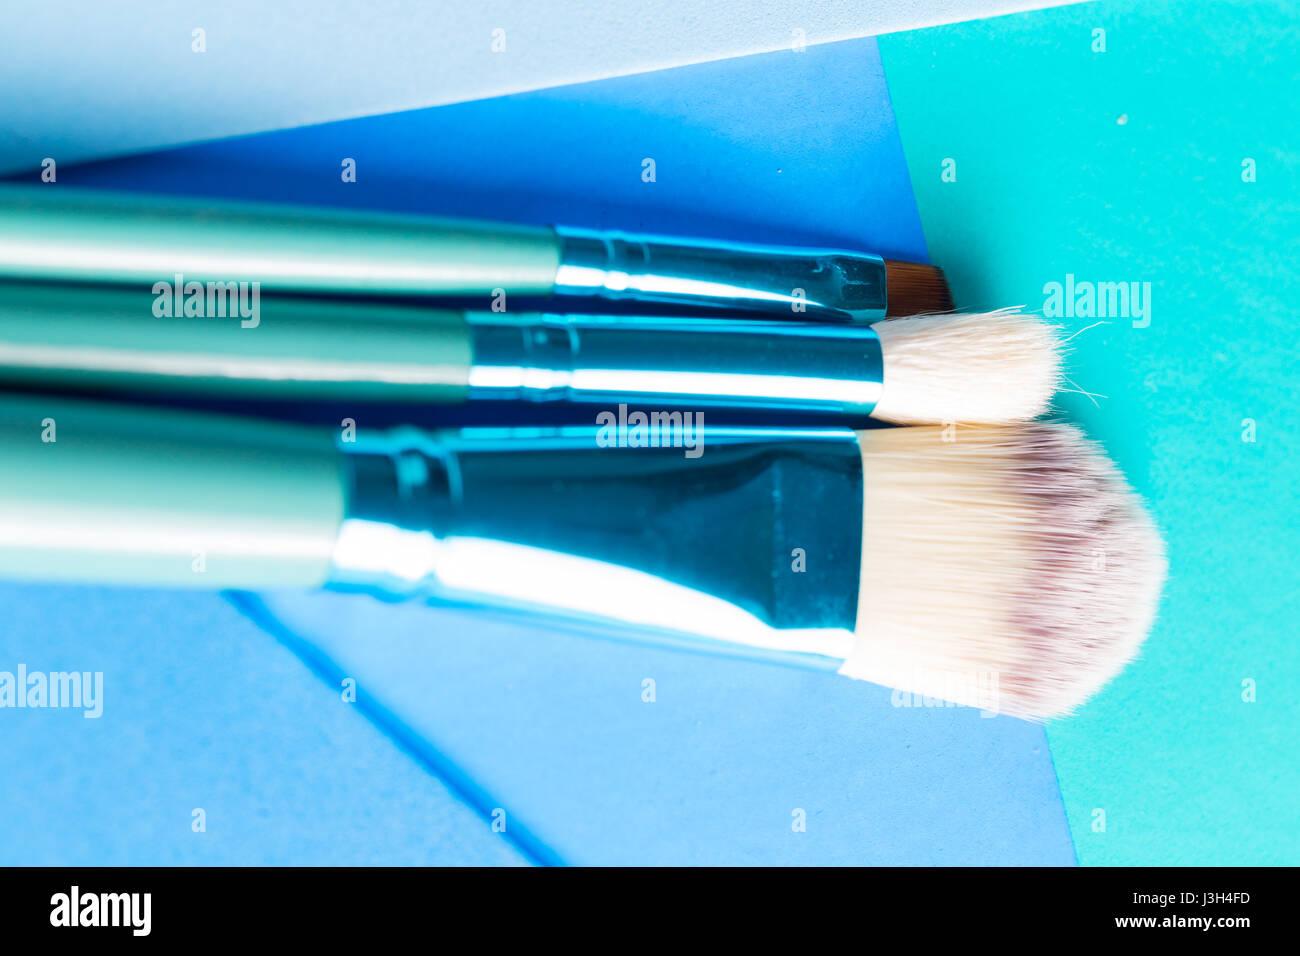 Ihr Leben in Shades of Blue: Stillleben mit einem Make-up-Pinsel platziert auf einem Multi-Ton-Schattierungen von blau. Stockfoto